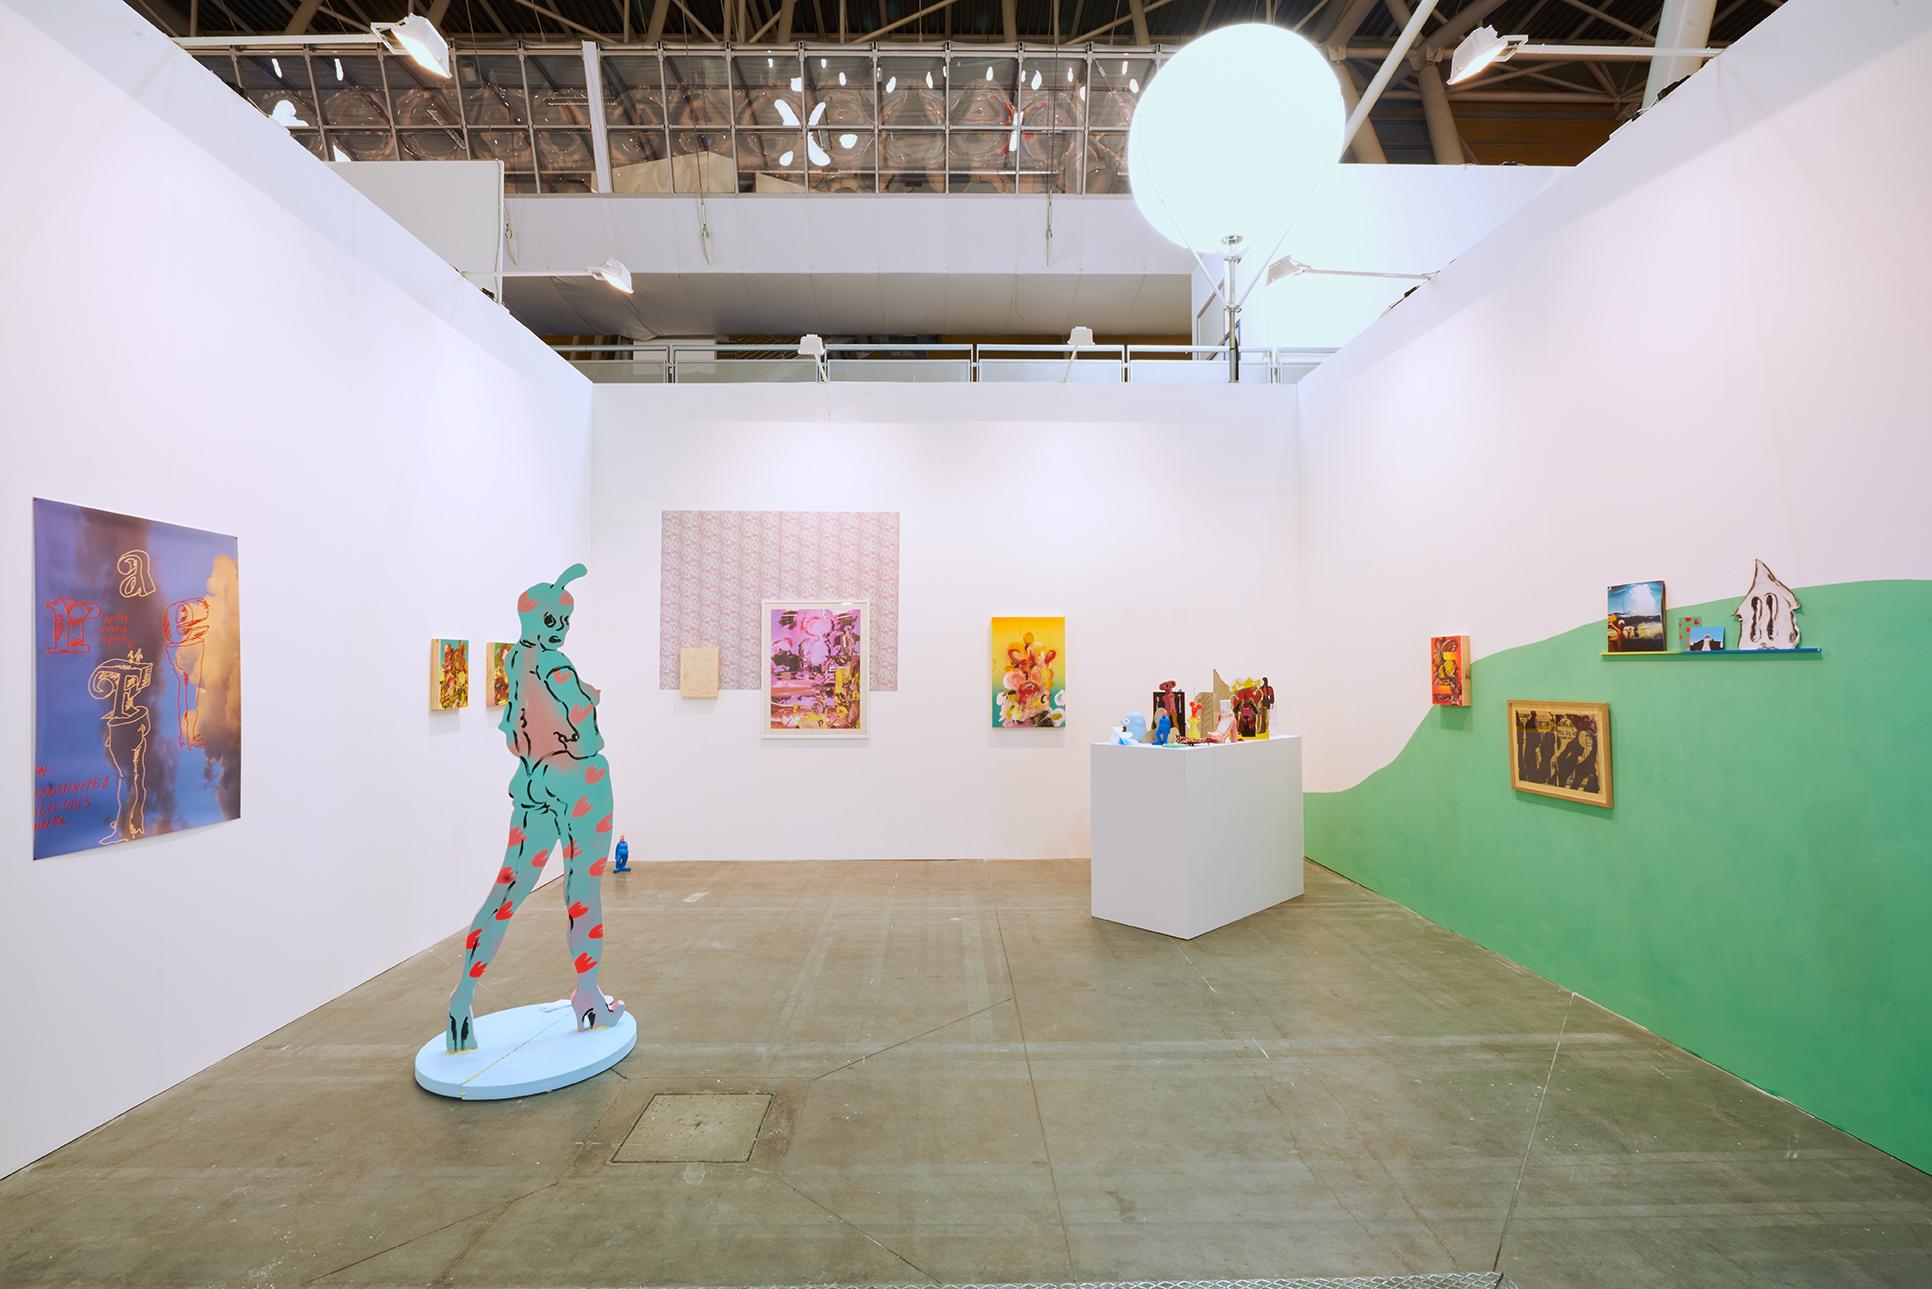 Edwin Burdis, Artissima solo presentation, 2017. Installation view. Artissima, Turn, IT.